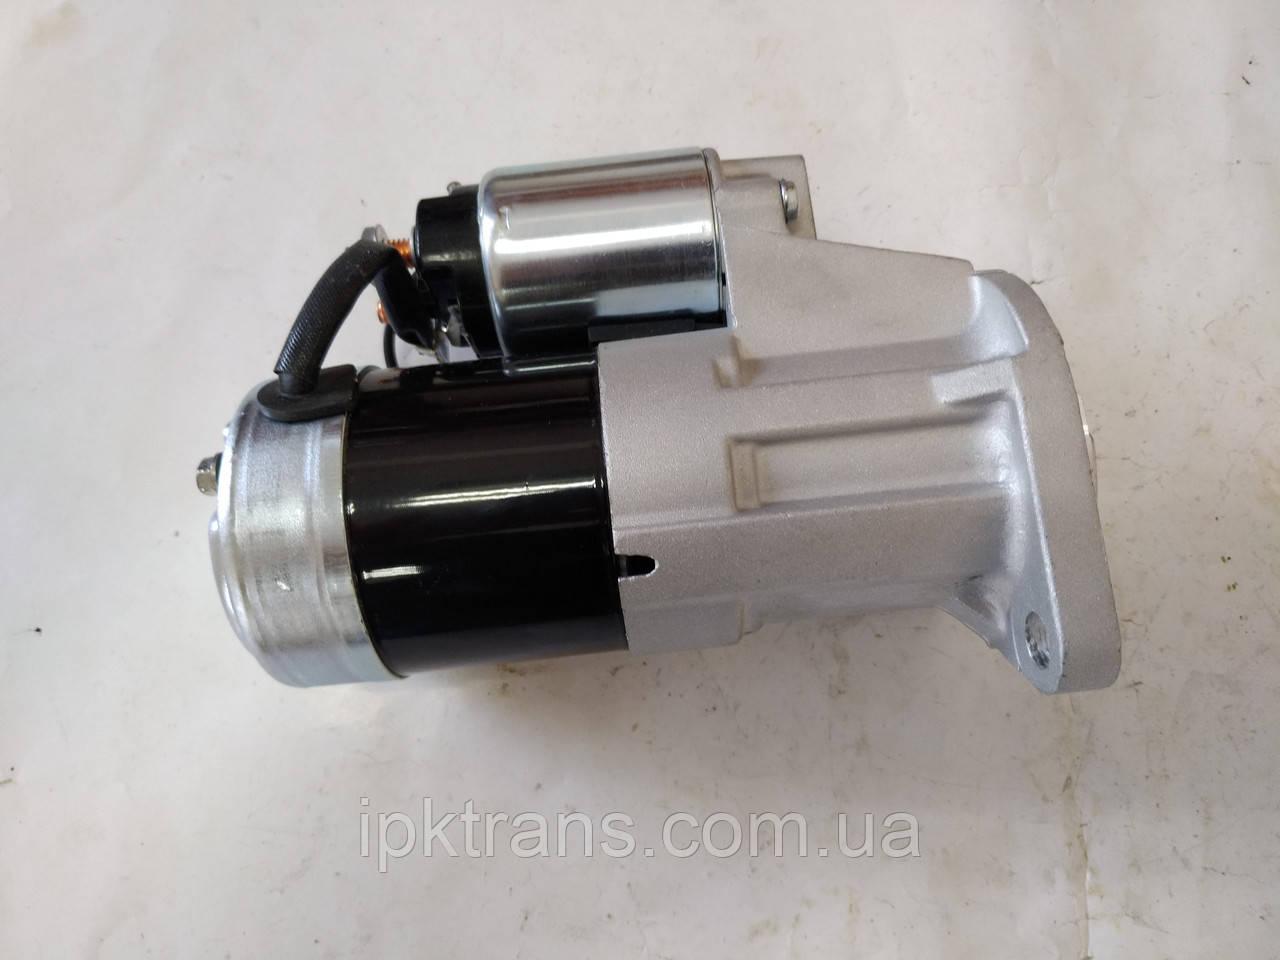 Стартер Nissan H25 (12V/1.2kW/9) 23300-K9160